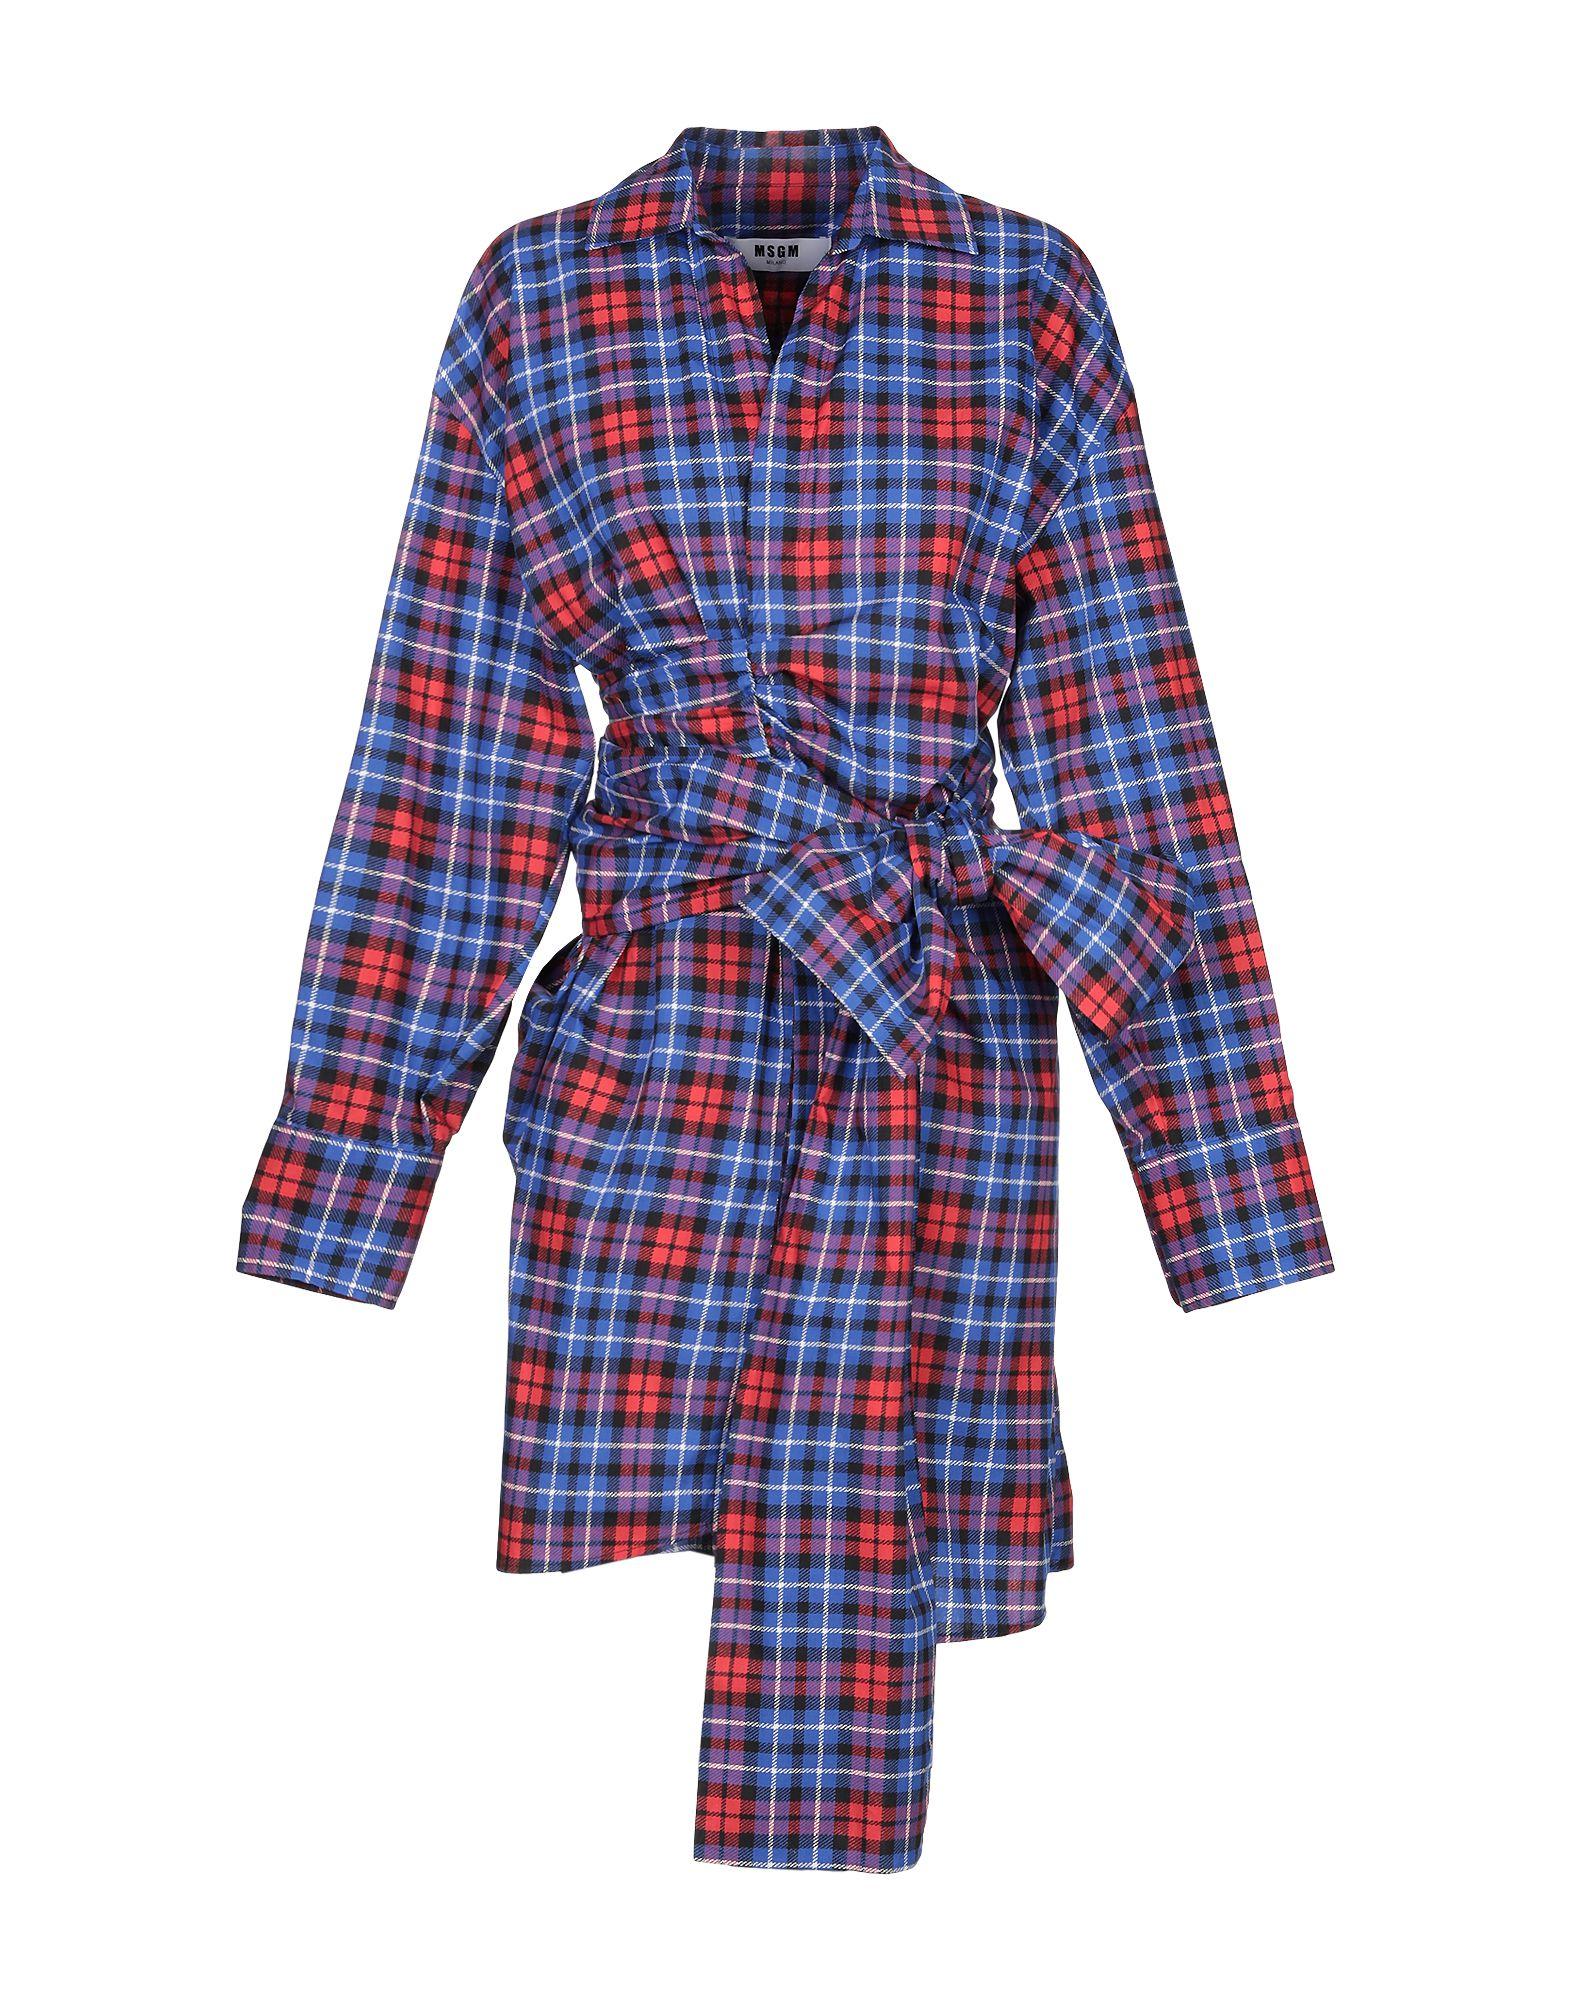 MSGM Short dresses. plain weave, belt, tartan plaid, classic neckline, long sleeves, no pockets, front closure, button closing, unlined. 100% Cotton